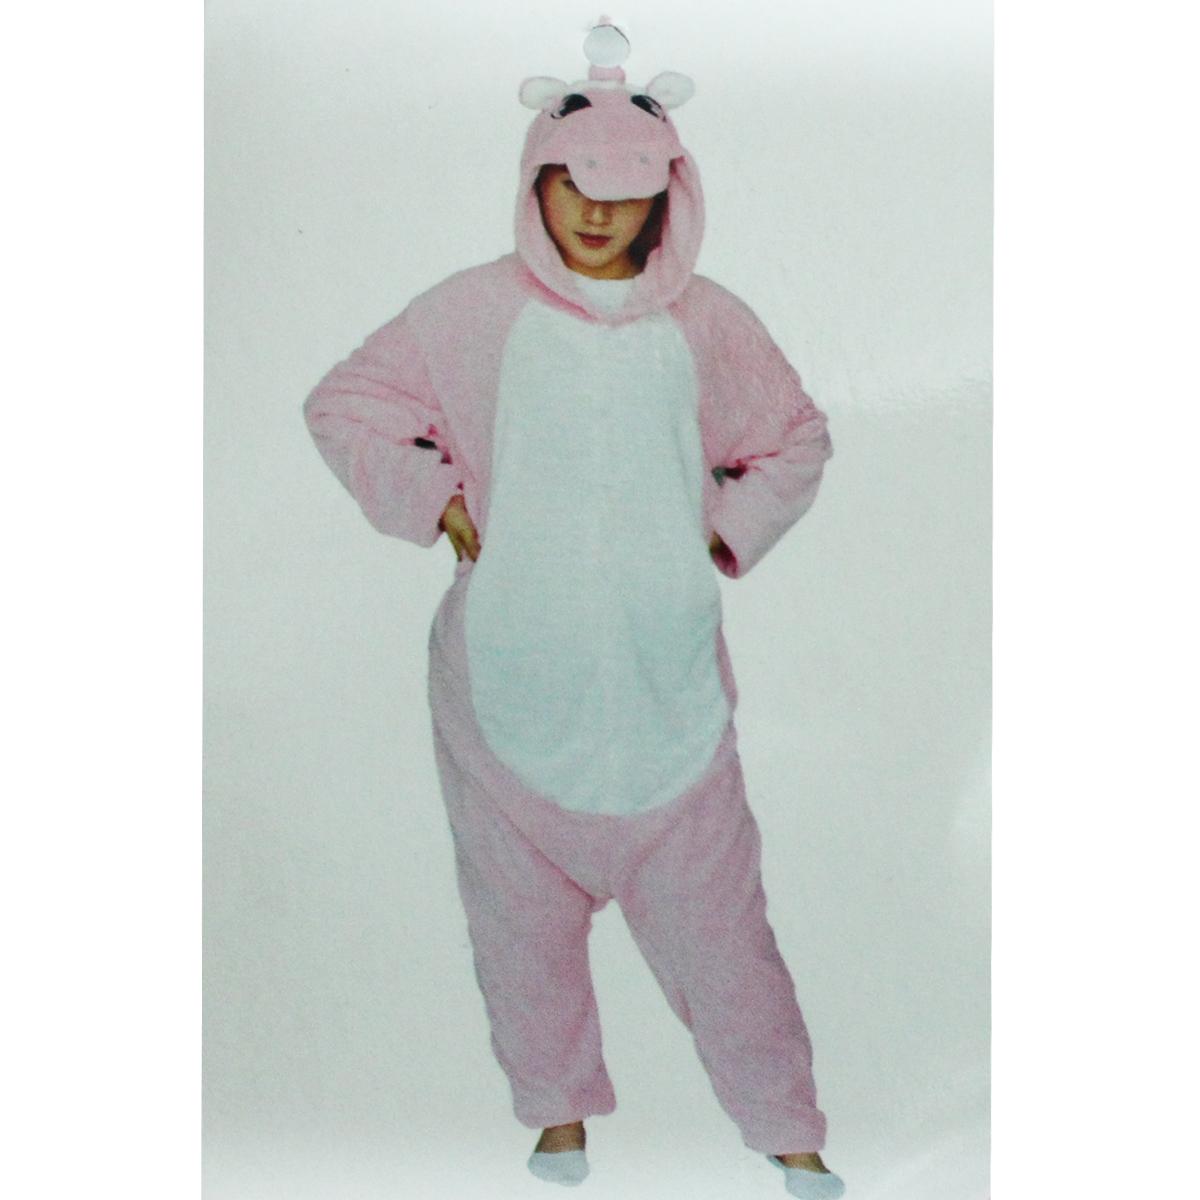 Tuta-Pigiama-Costume-Onesie-Carnevale-Halloween-Uomo-Donna-Unisex-Unicorno-Rosa